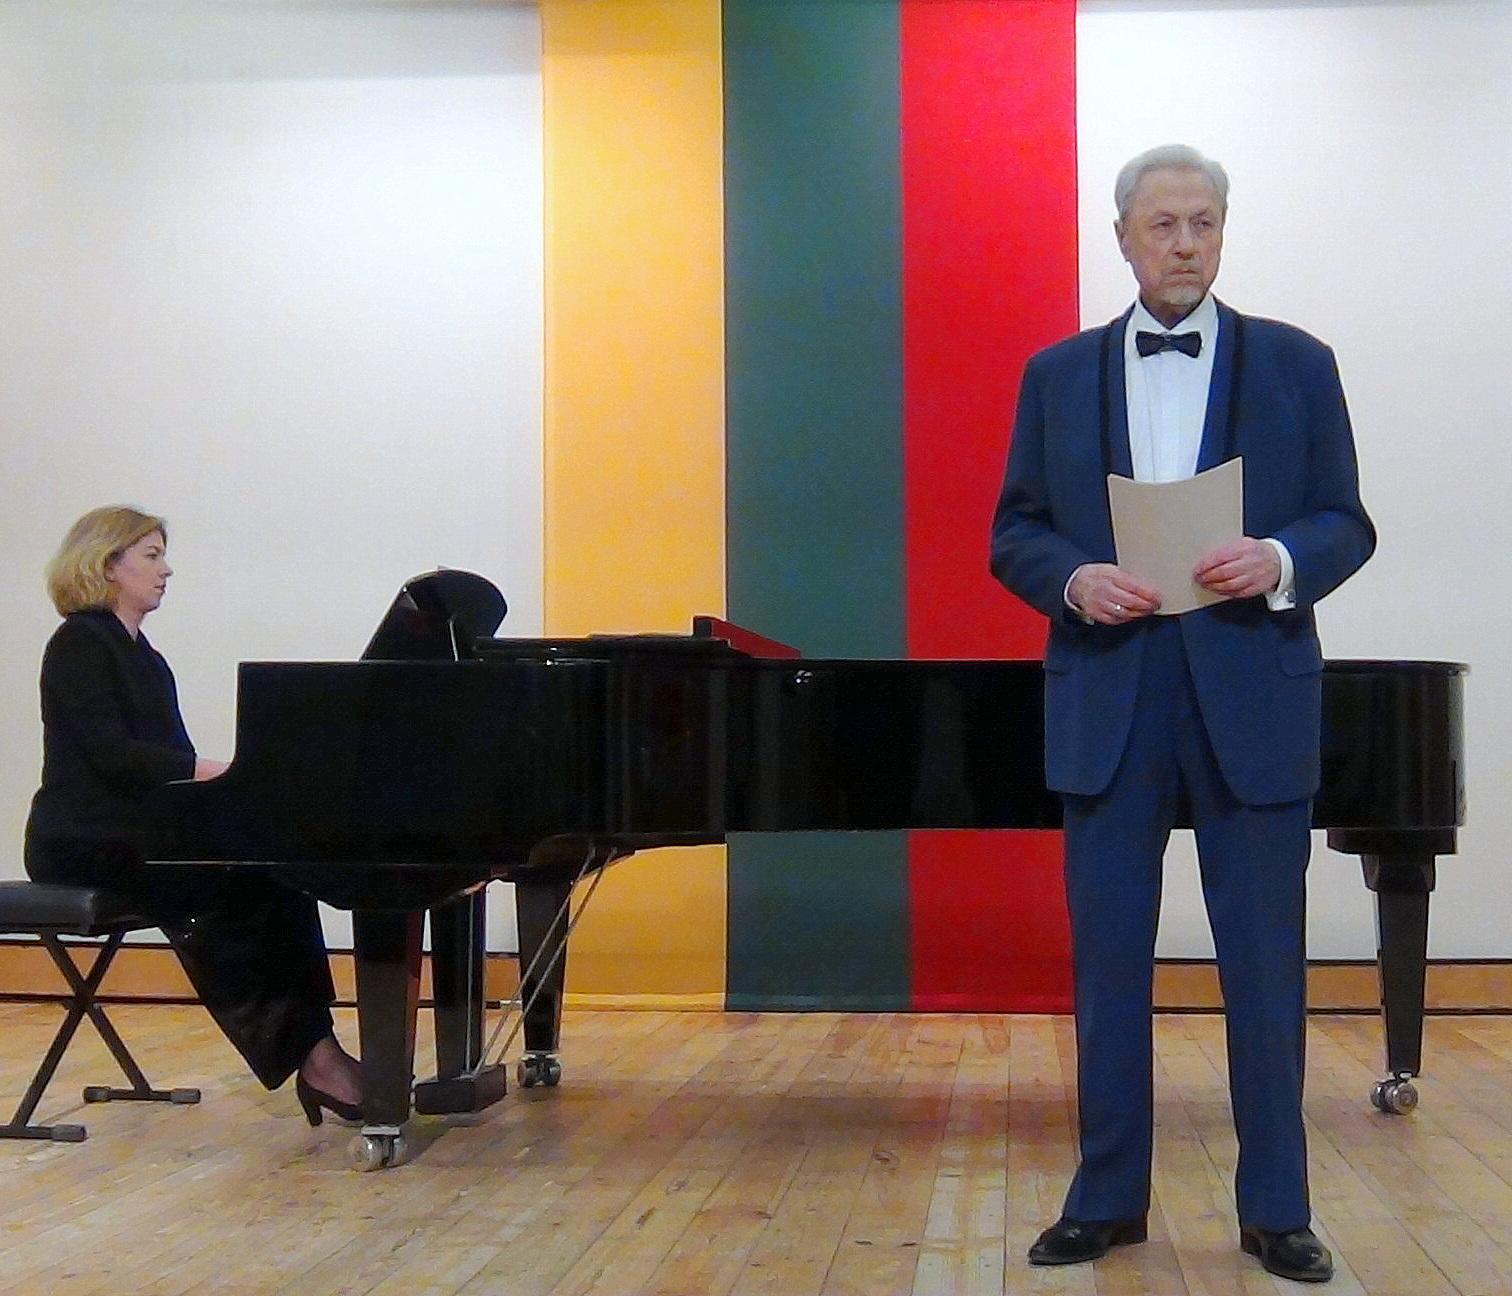 ВЛитве скончался известный оперный солист Виргилиус Норейка